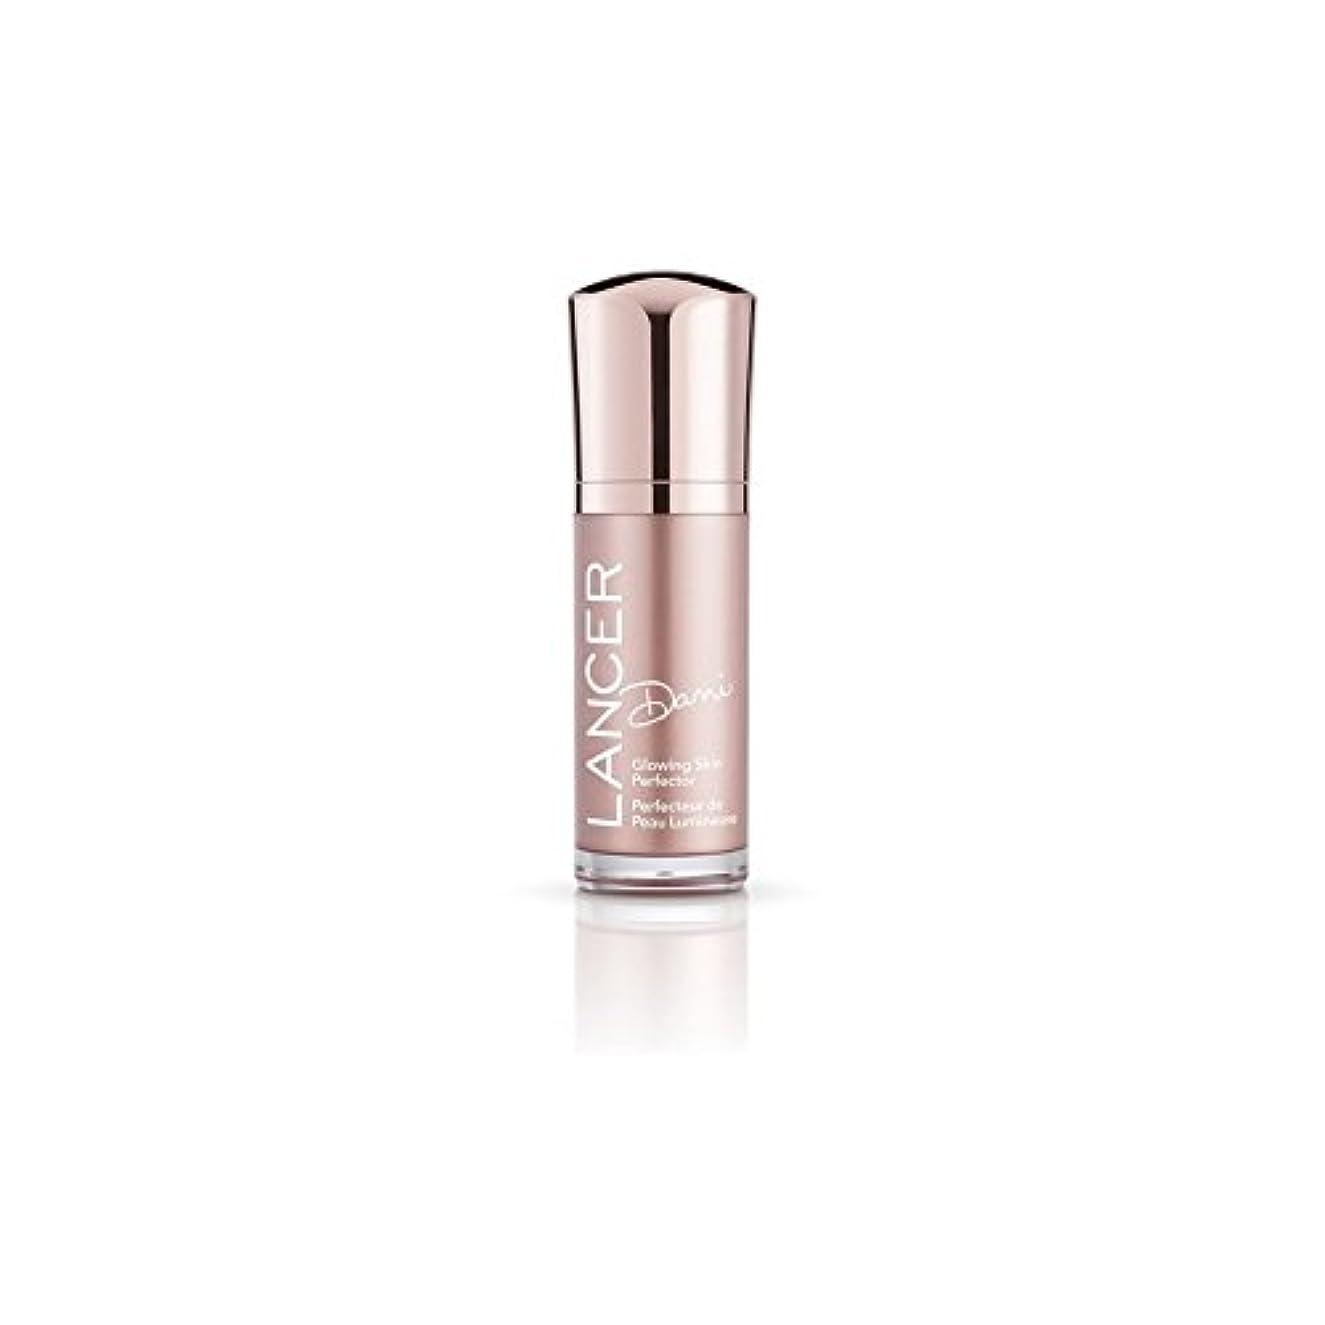 市民権ダム寛容Lancer Skincare Dani Glowing Skin Perfector (30ml) (Pack of 6) - スキンパーフェク輝くランサースキンケアダニ(30ミリリットル) x6 [並行輸入品]